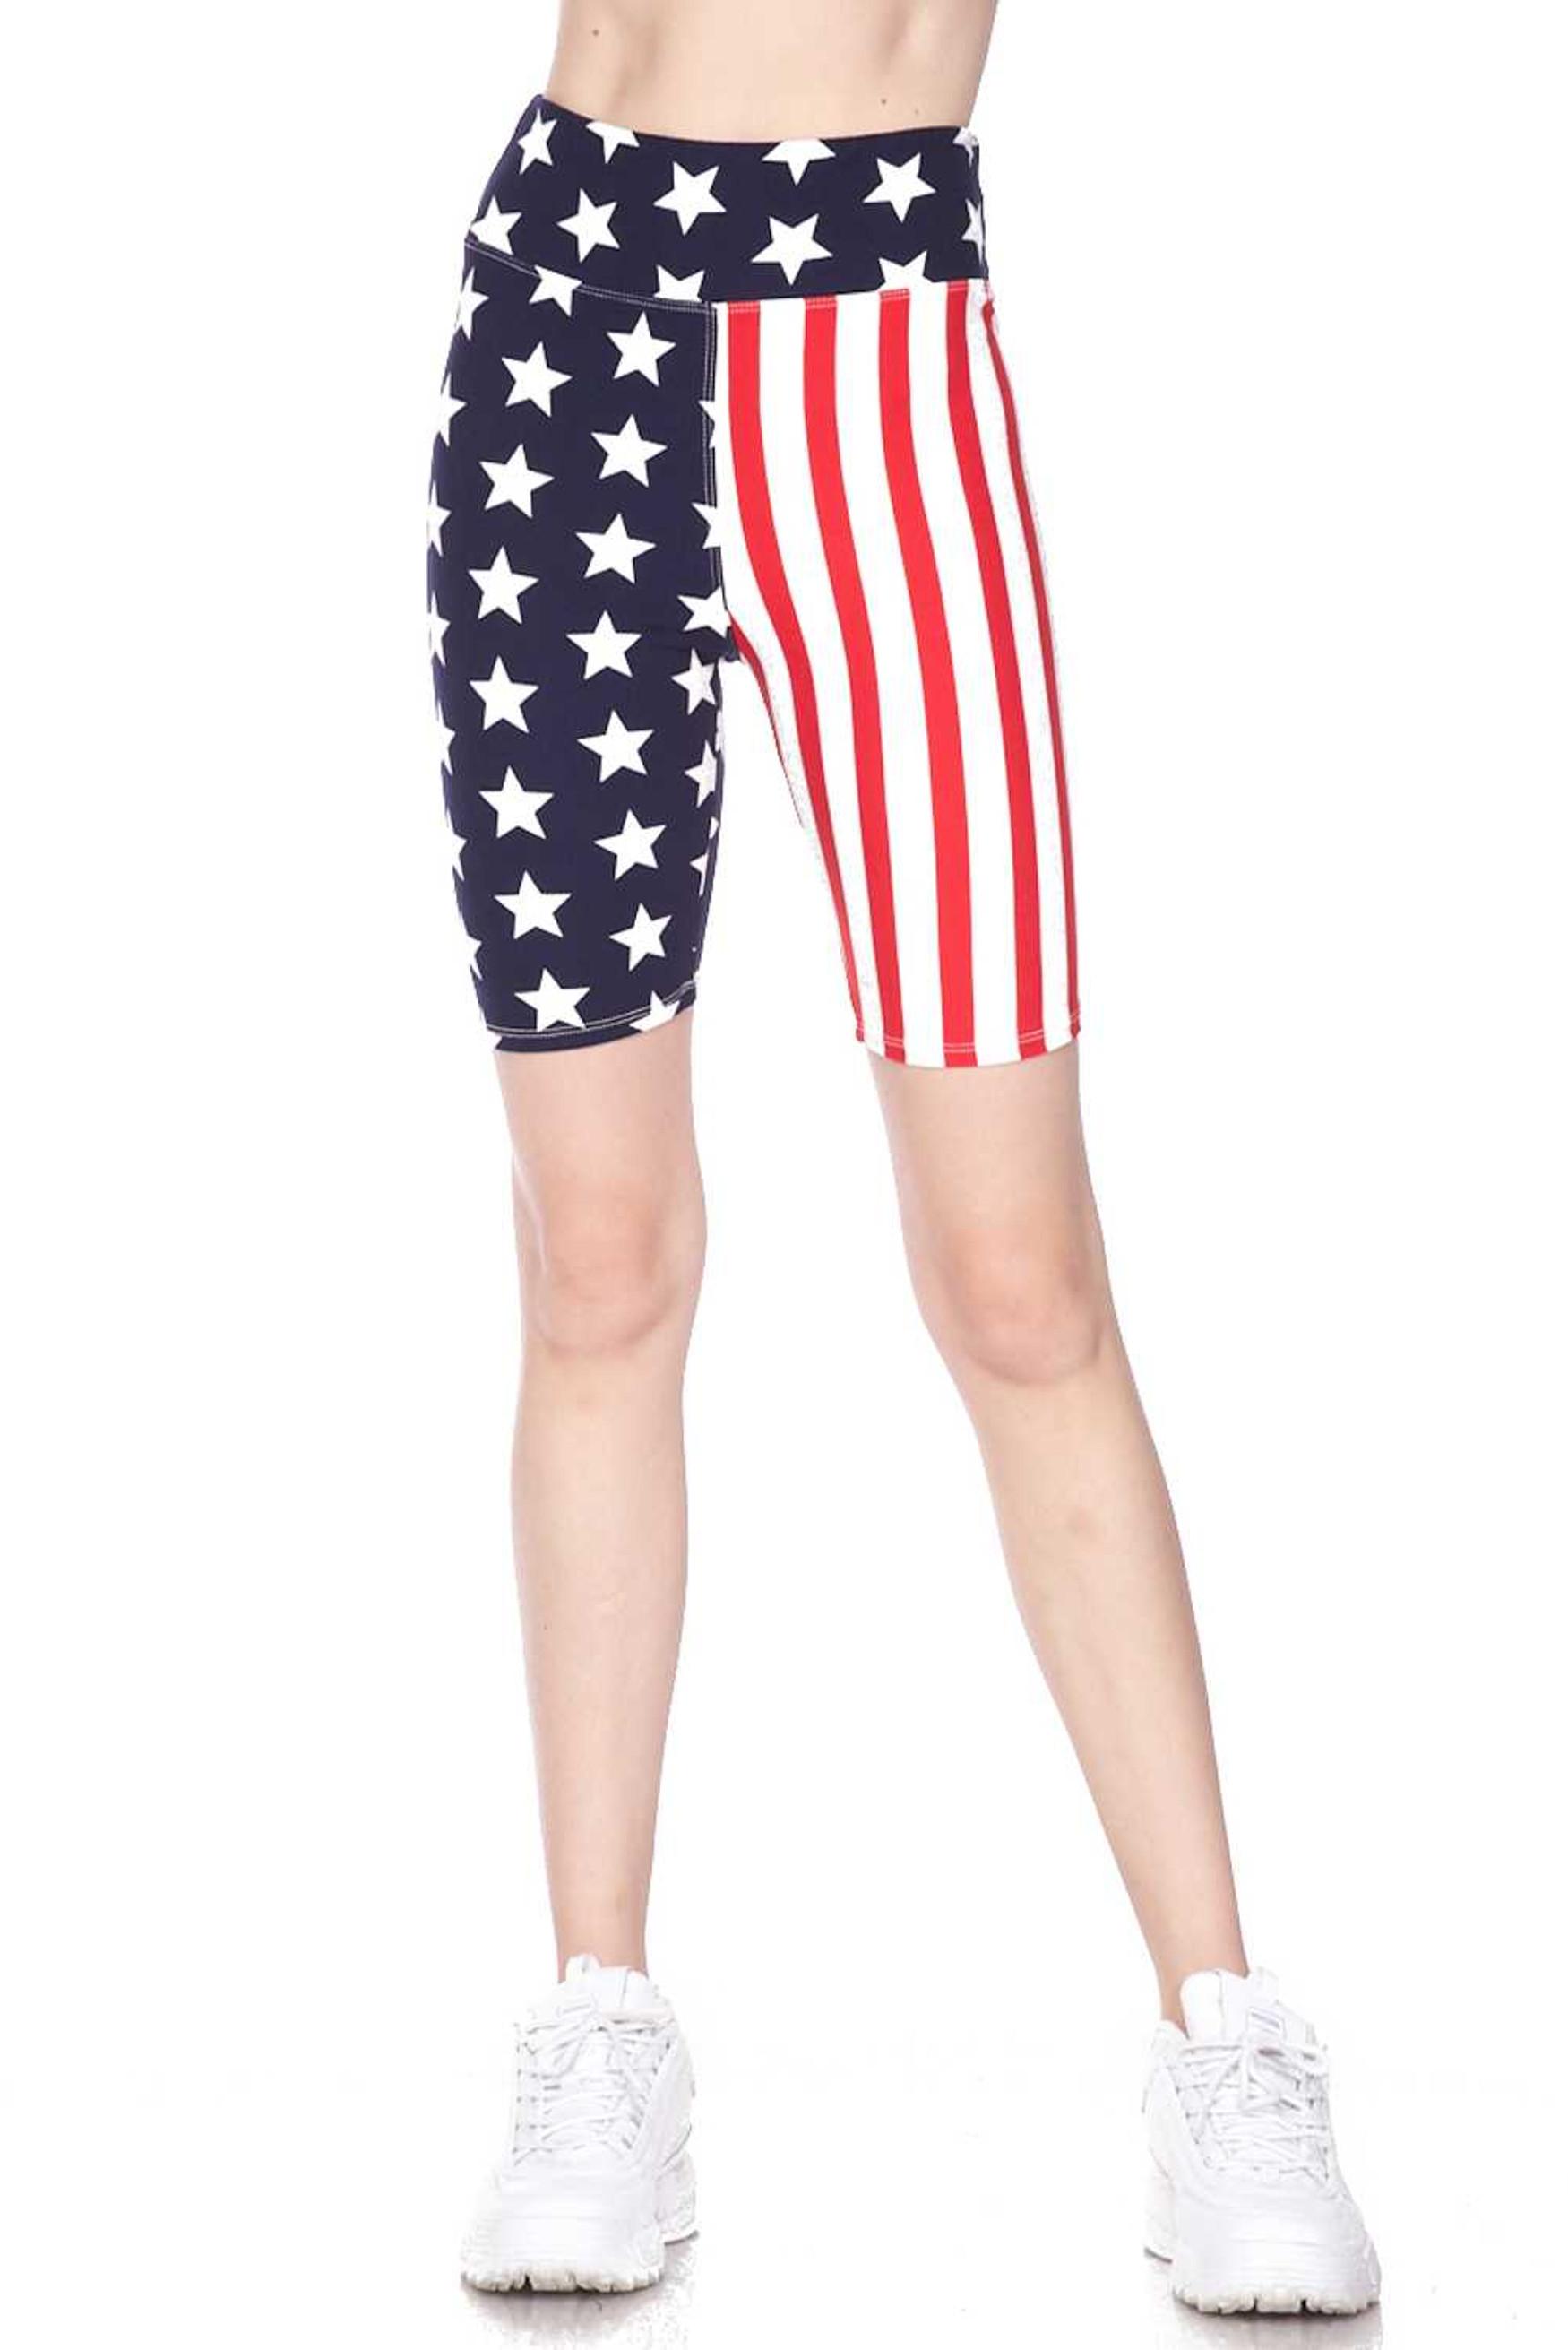 Buttery Soft USA Flag High Waist Biker Shorts - 3 Inch Waist